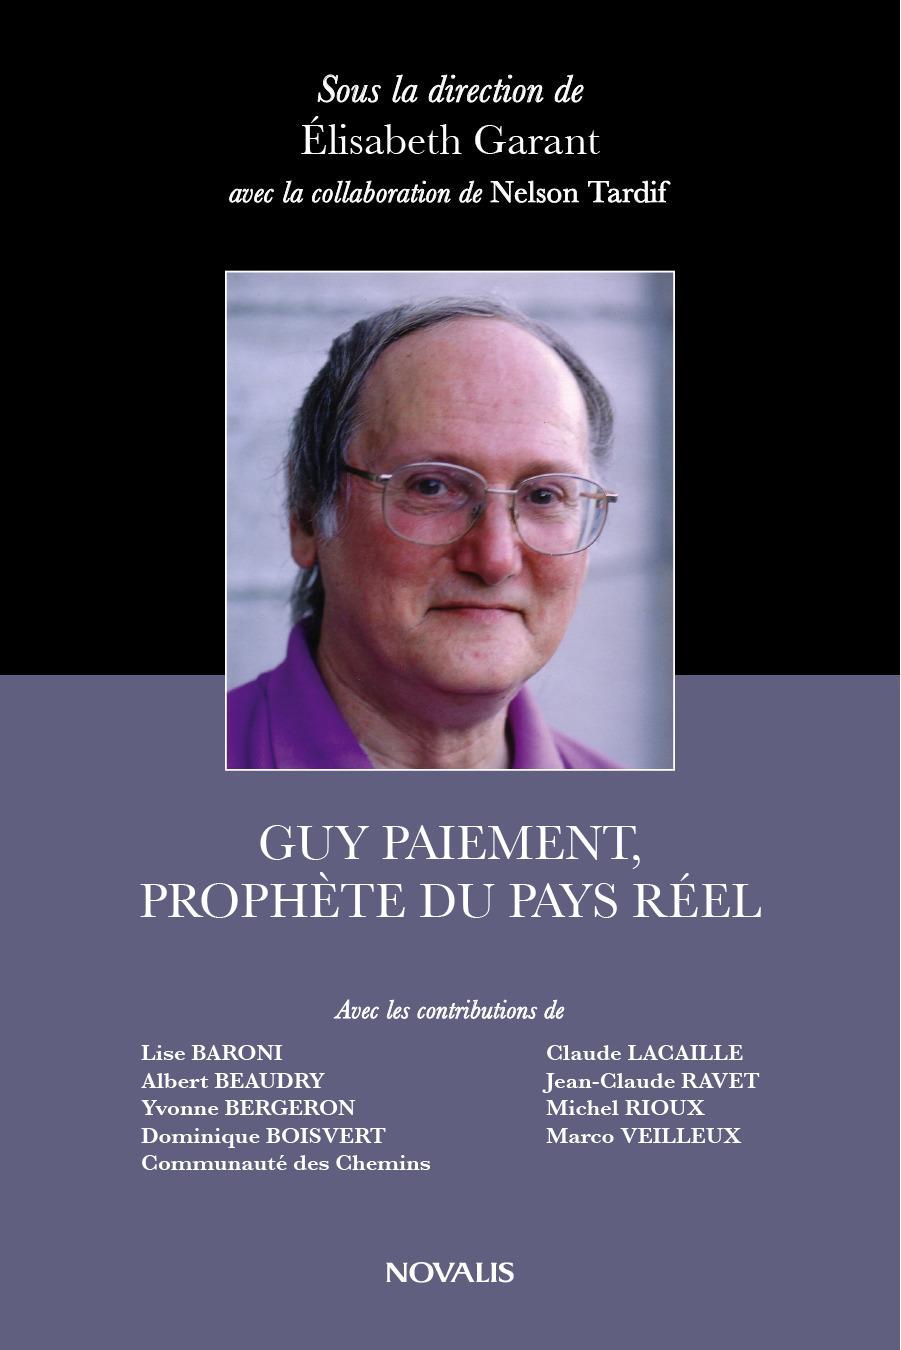 Guy Paiement, prophète du pays réel